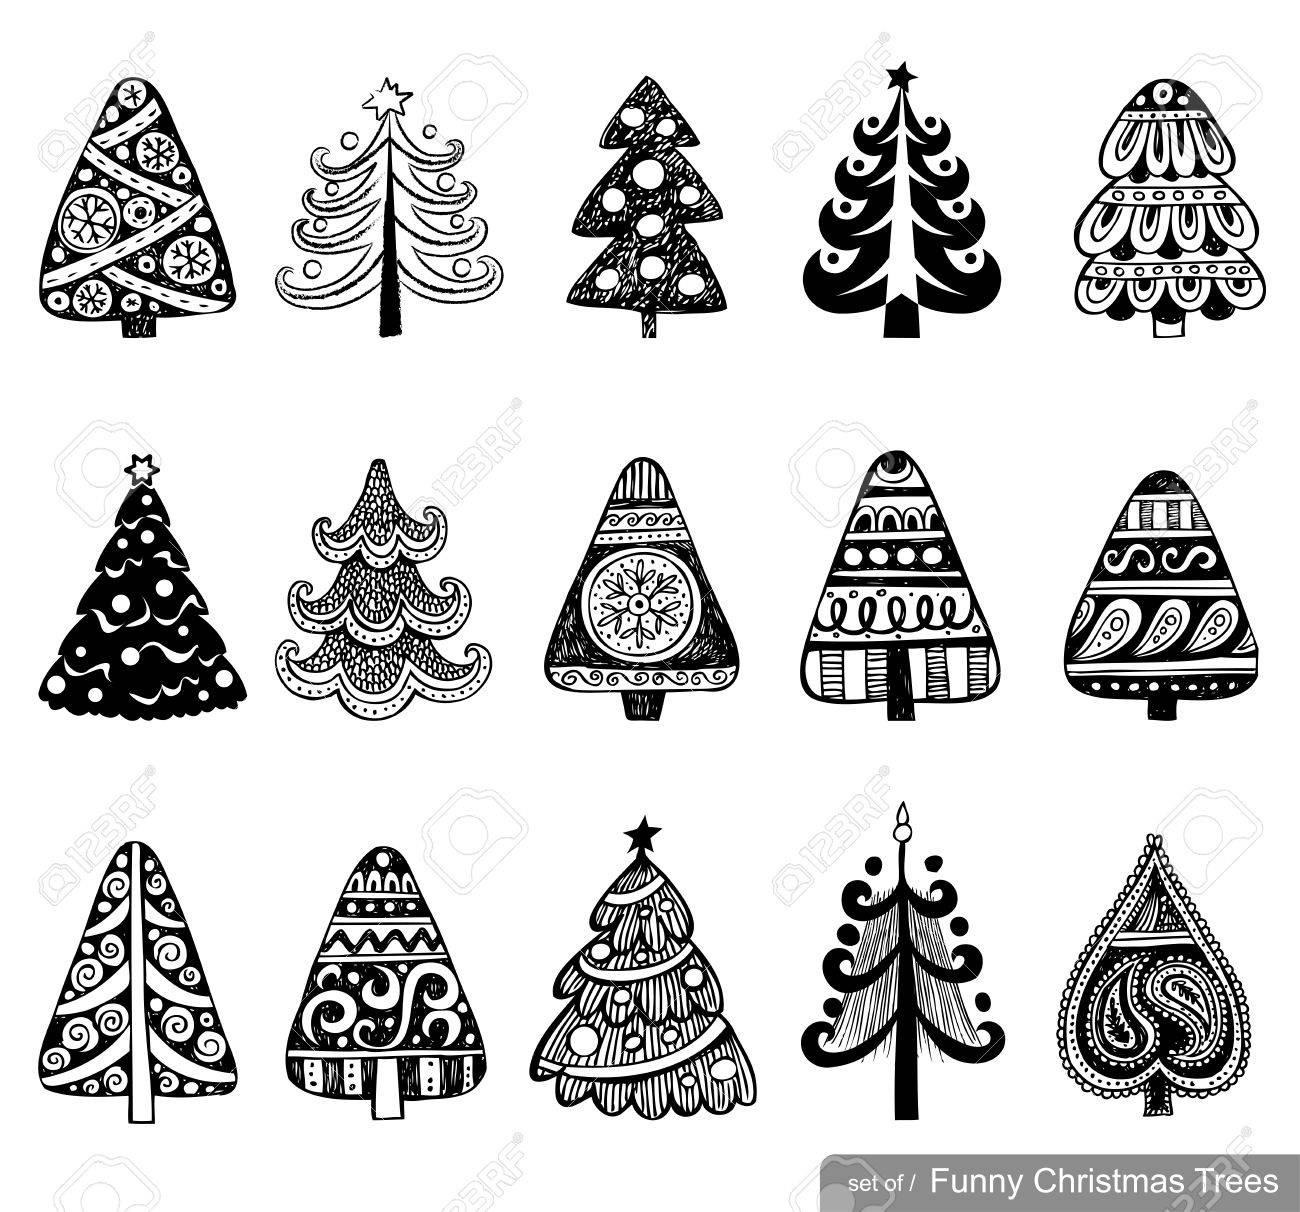 para crear tarjetas de navidad fondos adornos